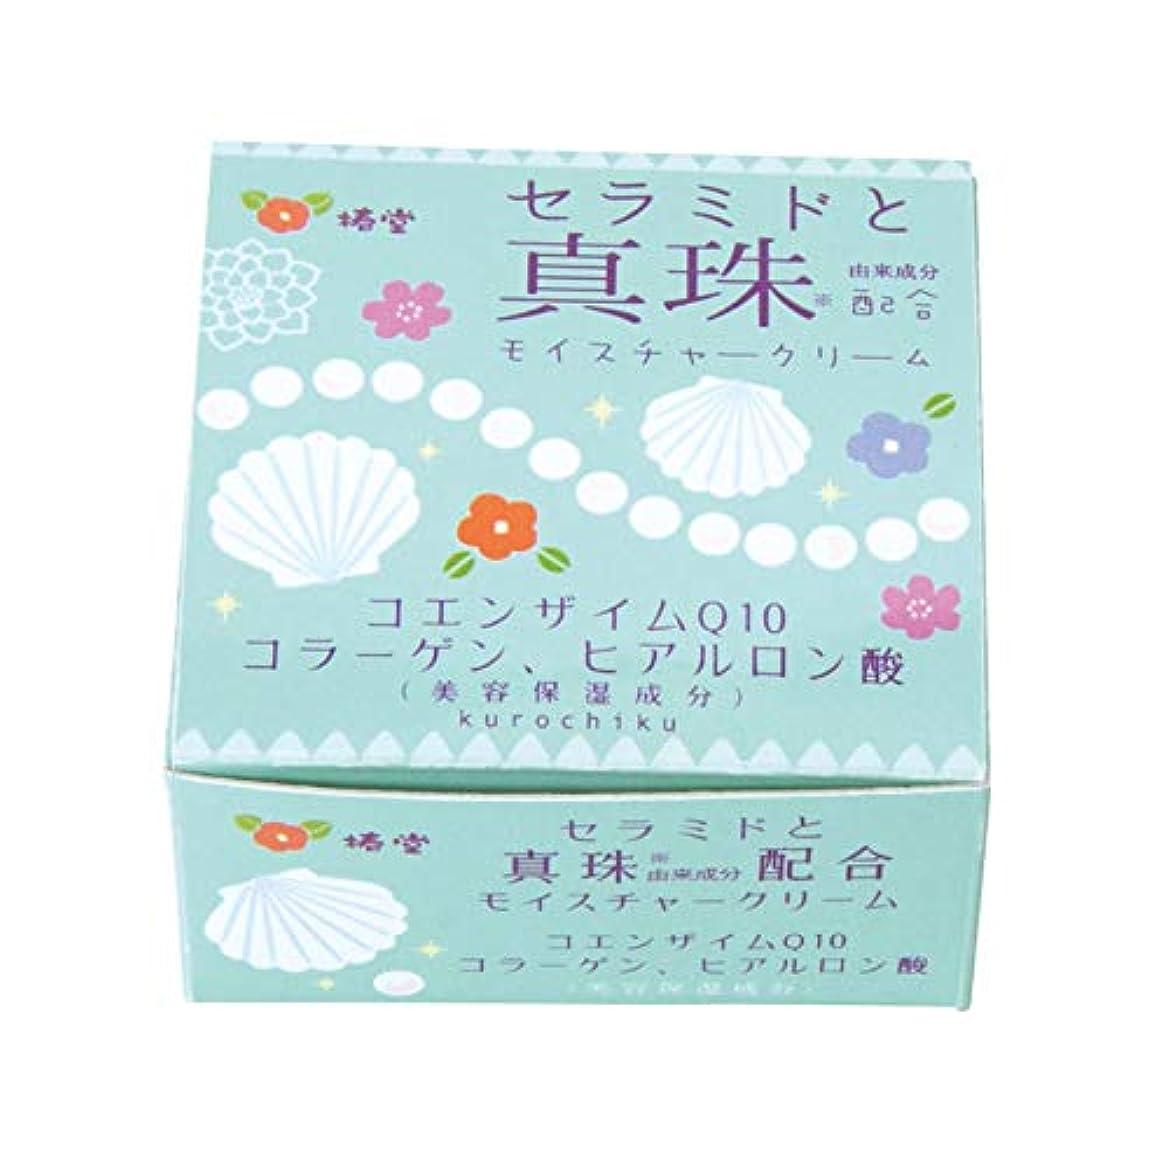 日光季節致命的な椿堂 真珠モイスチャークリーム (セラミドと真珠) 京都くろちく